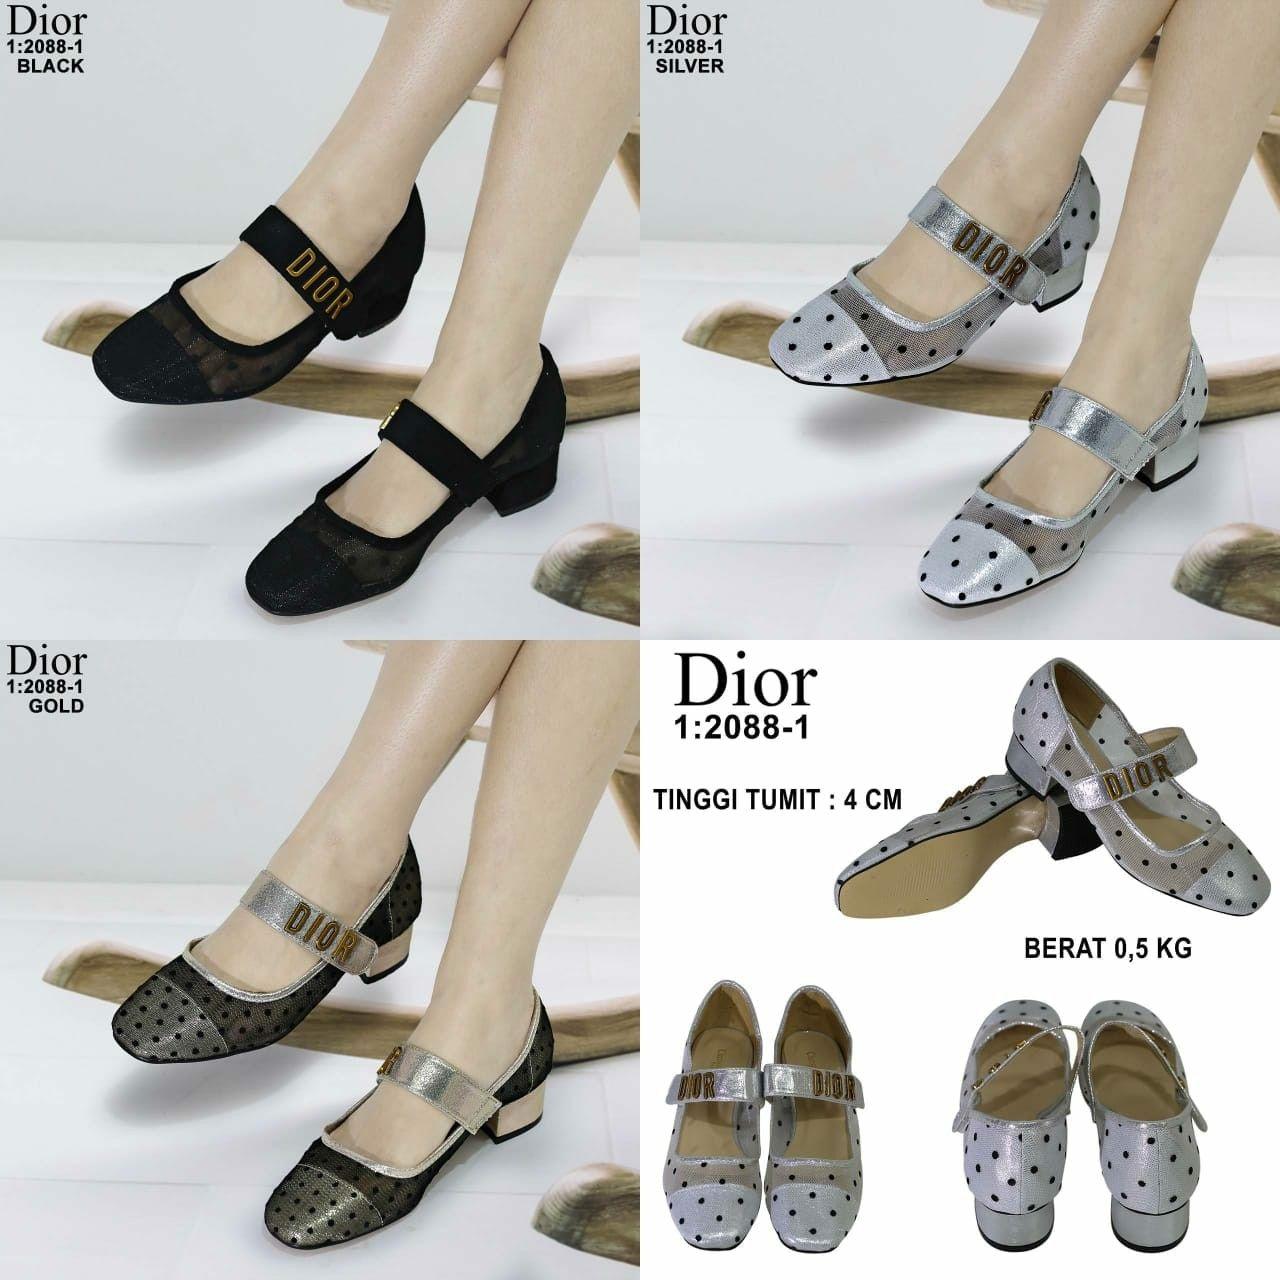 Sepatu Merk Christian Dior Seri Bb2088 1 Kualitas Semprem